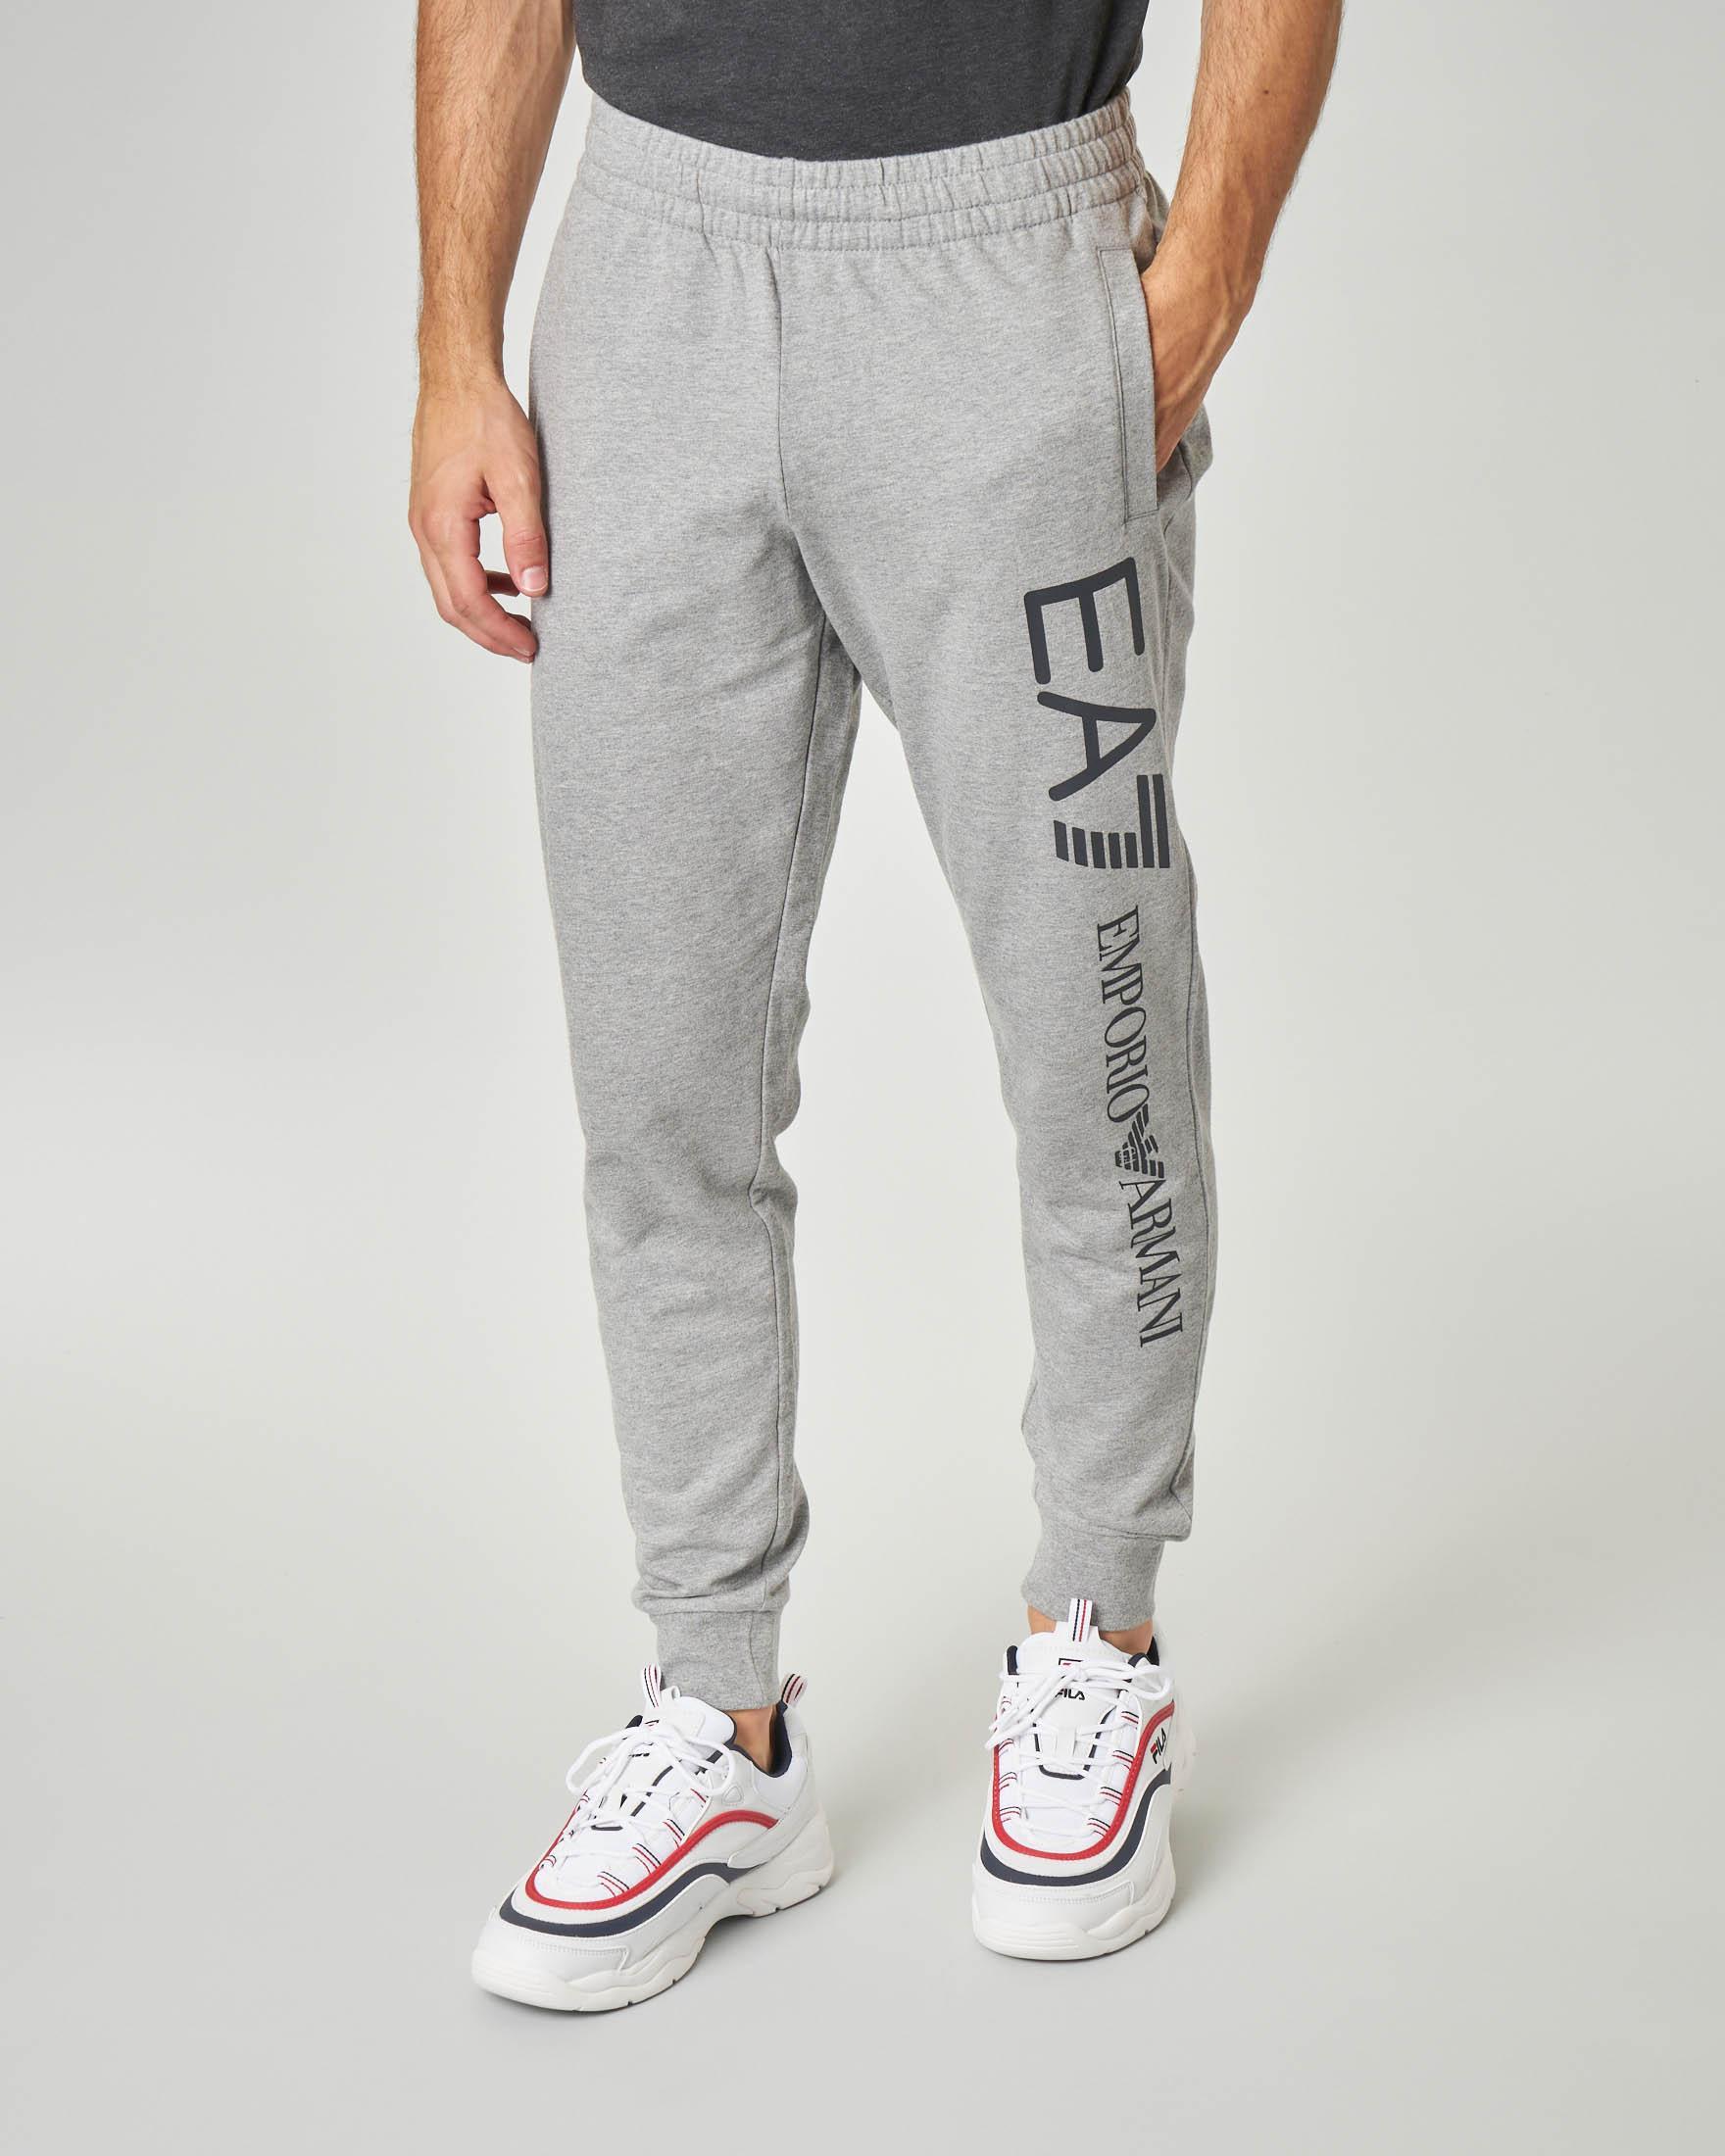 Pantalone in felpa grigio chiaro con logo grande sulla gamba e taschino